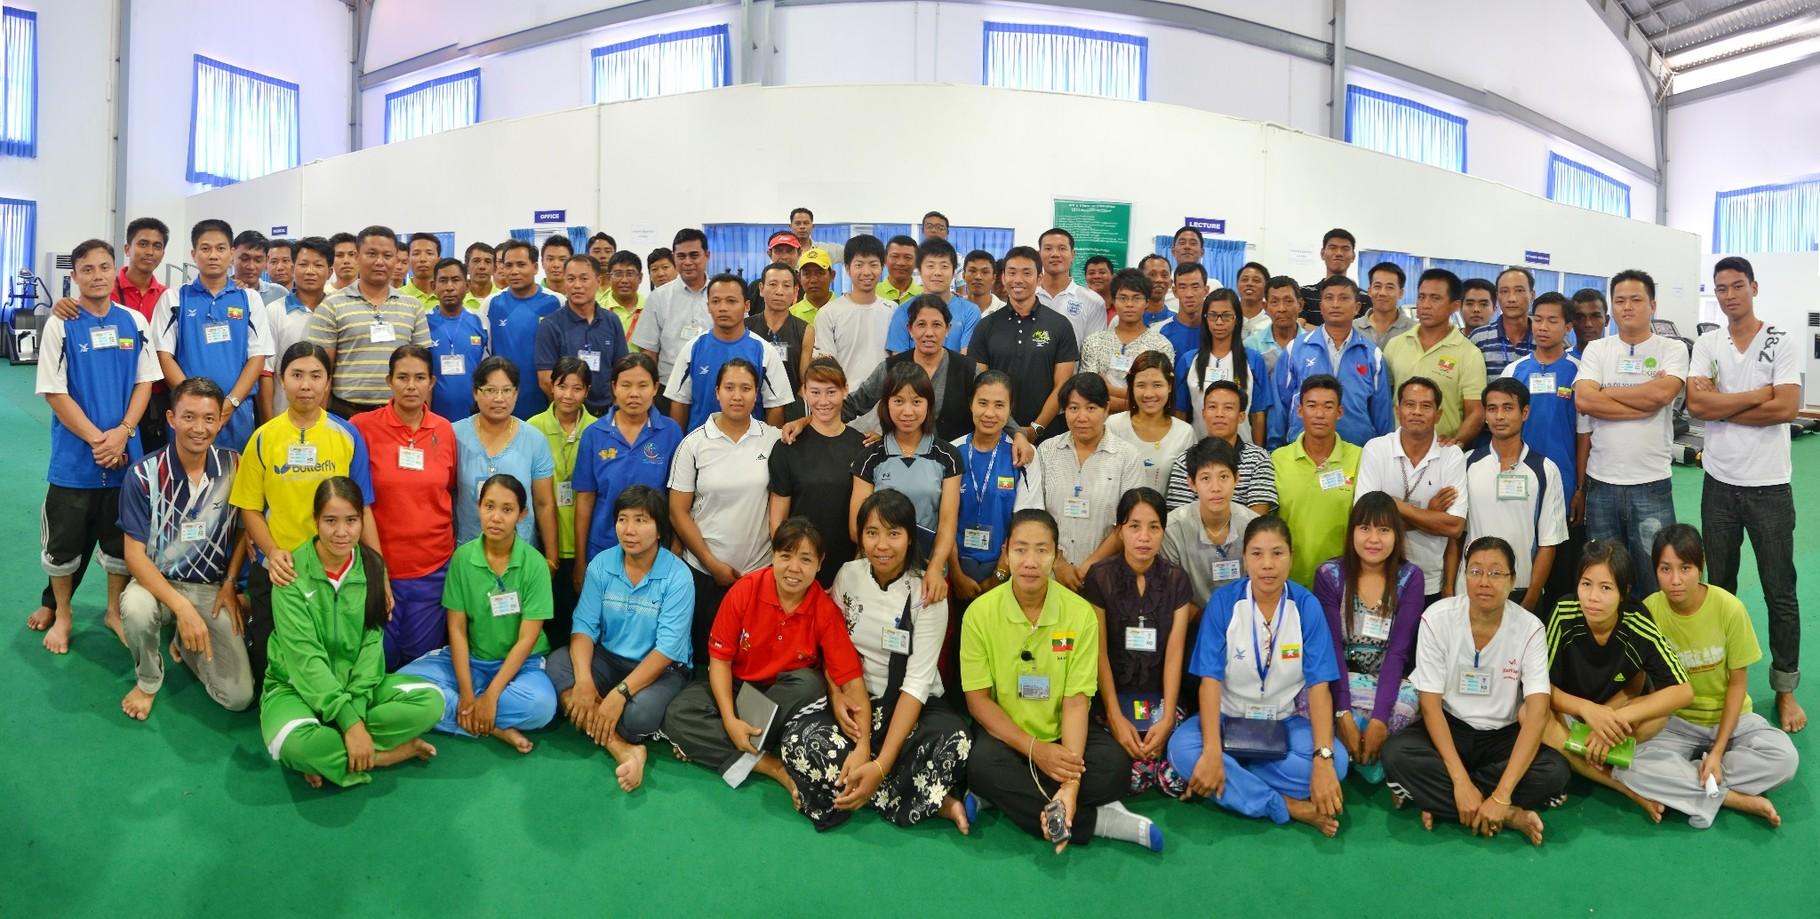 ミャンマー代表トレーニング指導 inミャンマー(2012)